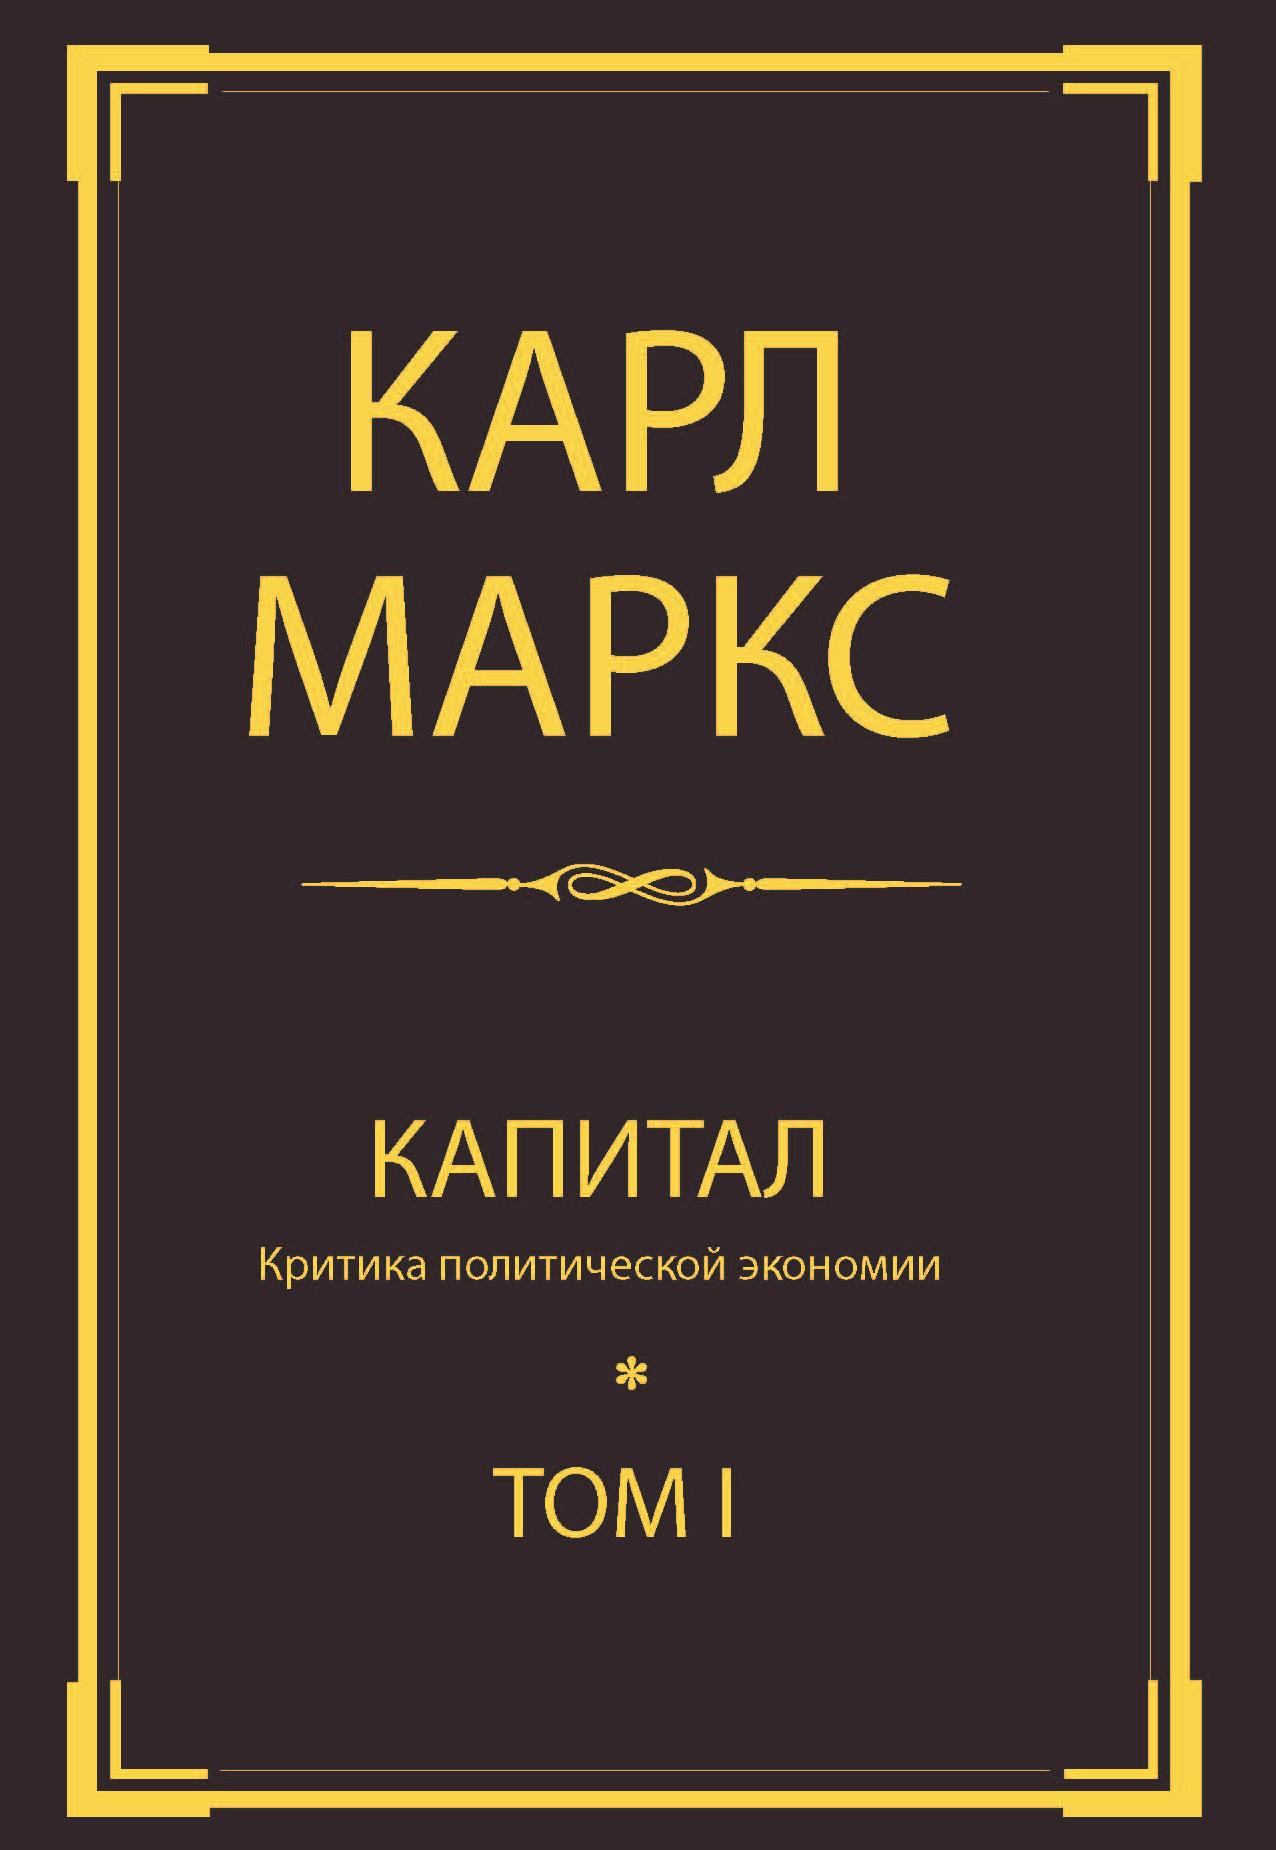 квартиры Район книга капитал карла маркса читать выполняется частичное